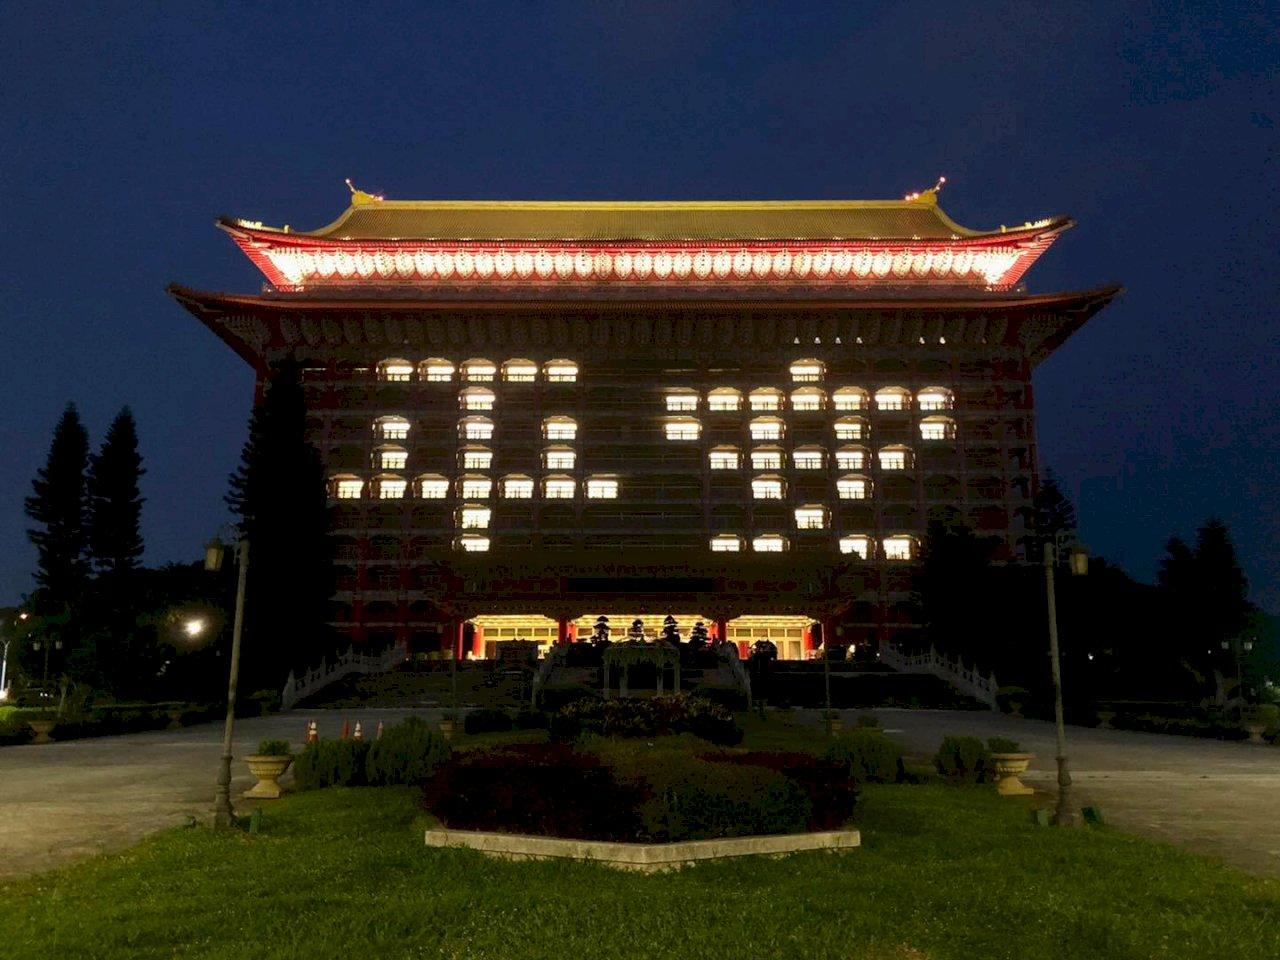 把台灣黎巴嫩化!金融時報:中國假新聞滲透 藉疫情撕裂台灣團結